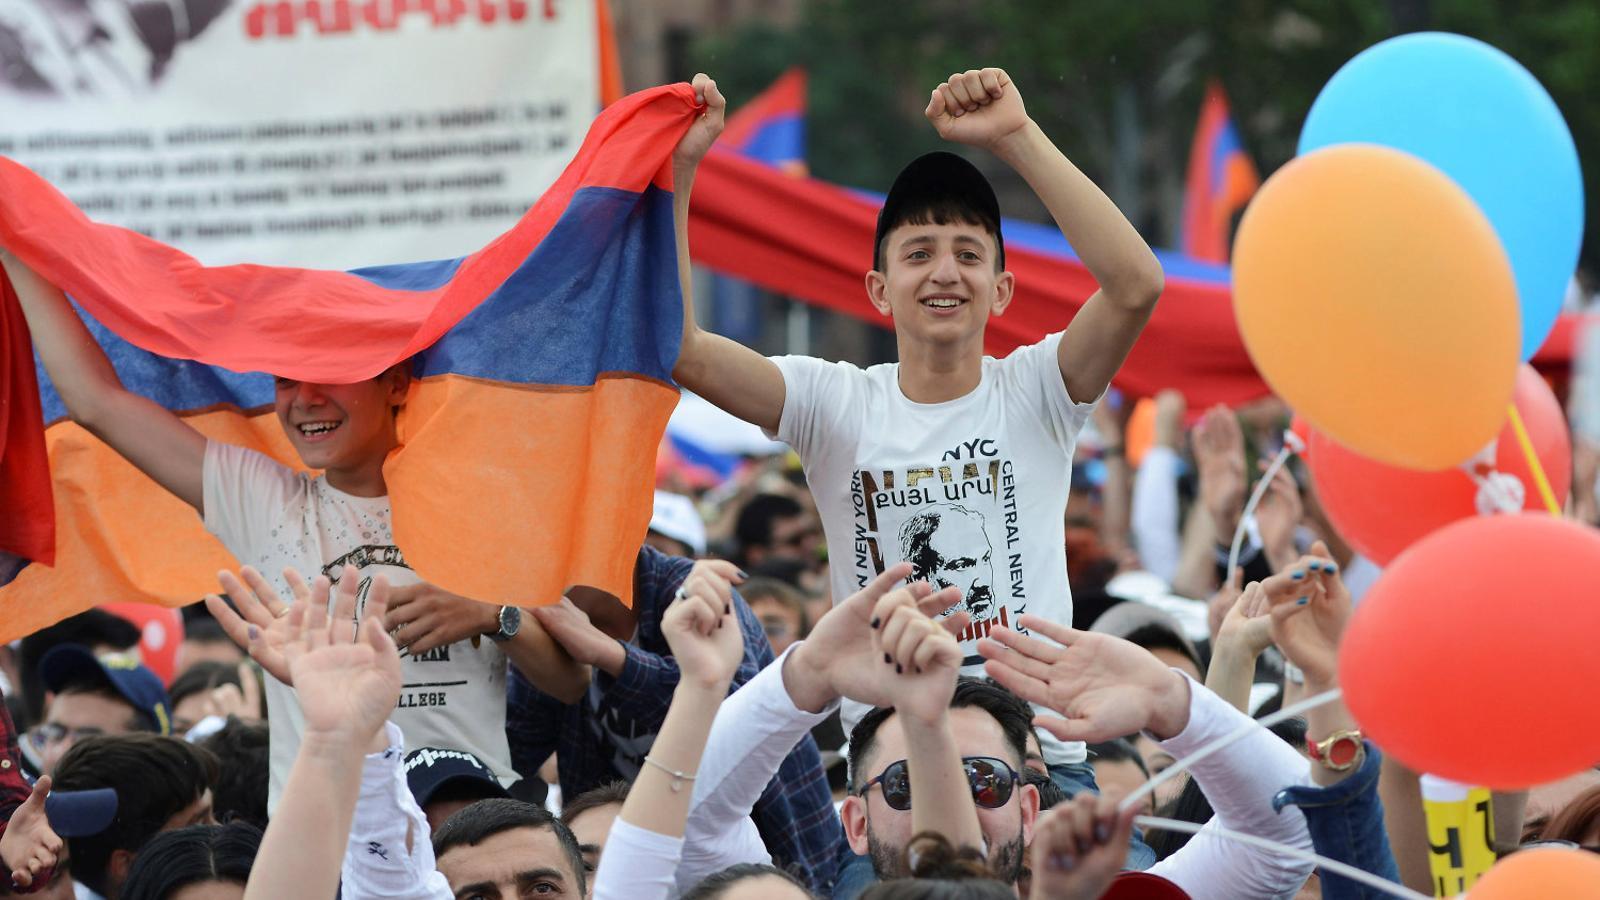 Partidaris del nou primer ministre, Nikol Paixinian, manifestant-se davant del Parlament per la seva elecció, el 8 de maig a Erevan.